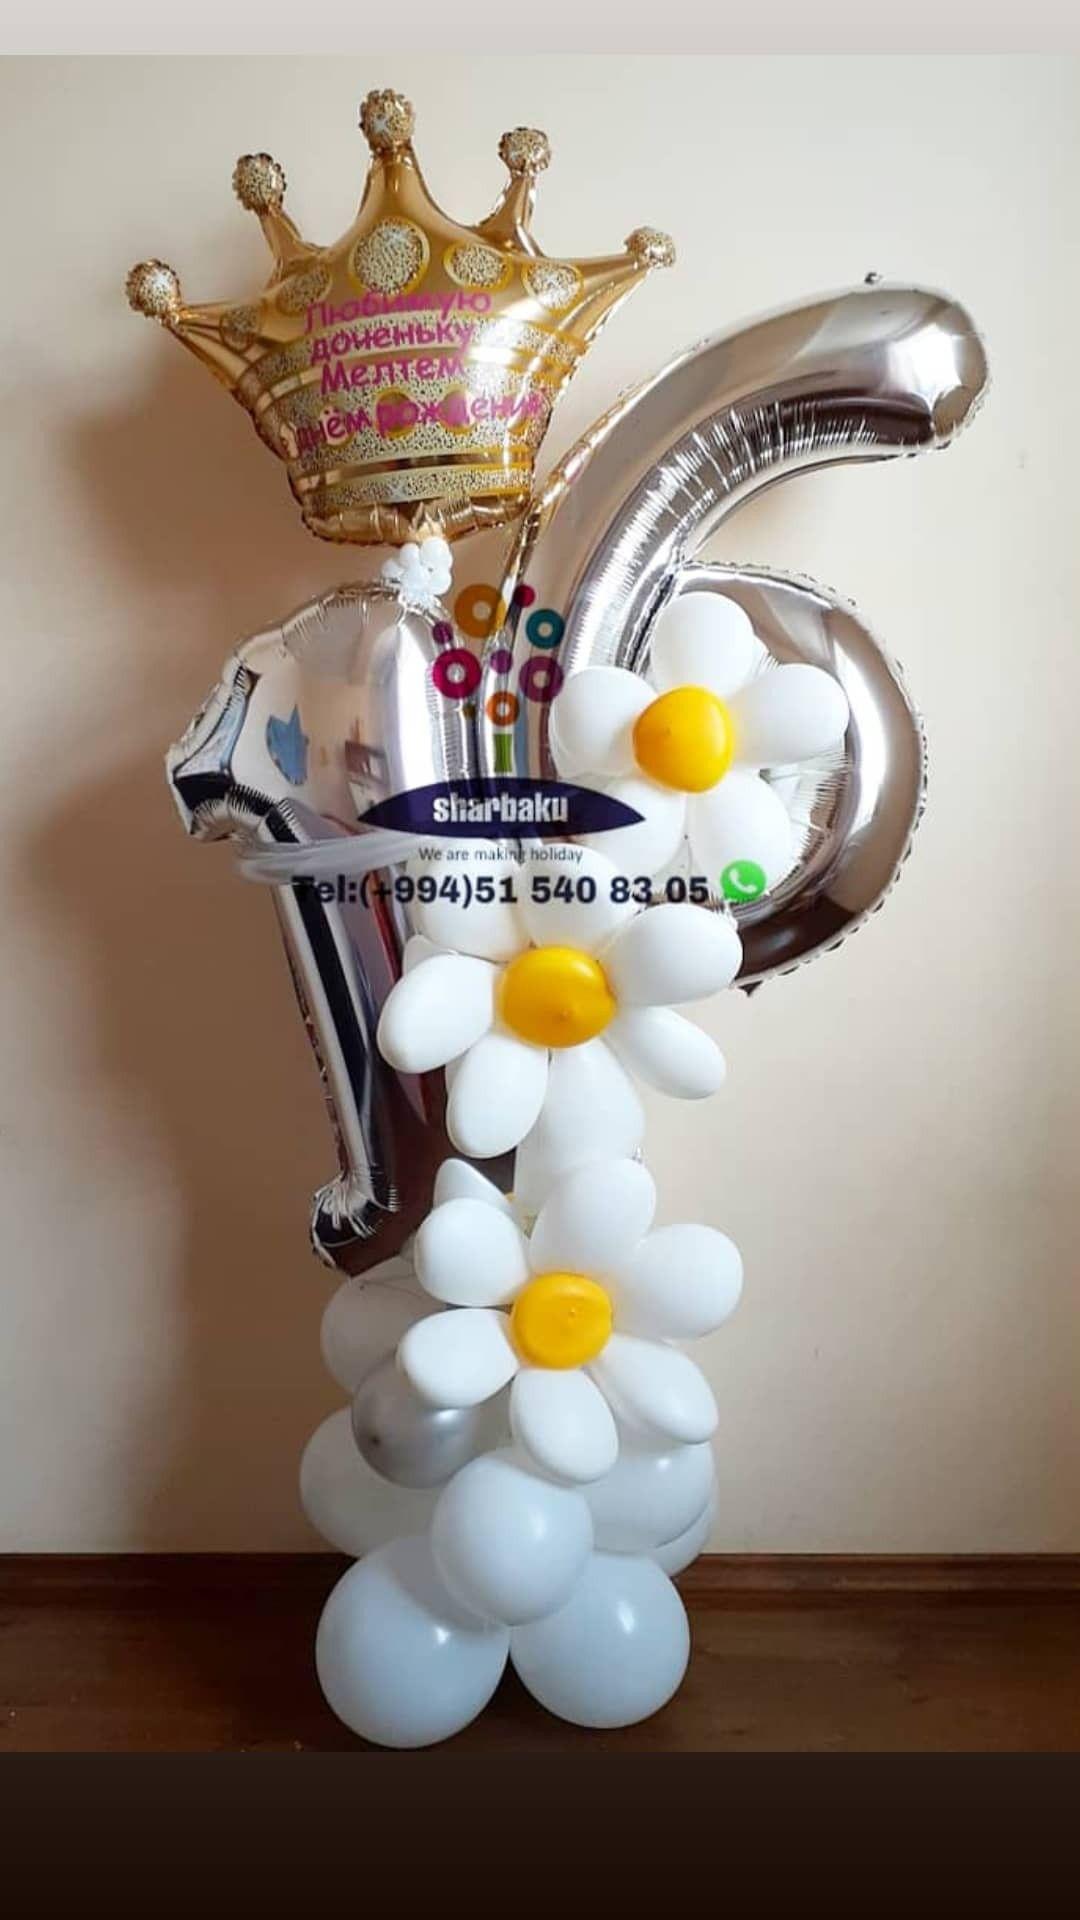 Pin By Nadejda On Shar Ballon Sar Baku Baku Baku Azerbajdzhan Azərbaycan Holiday